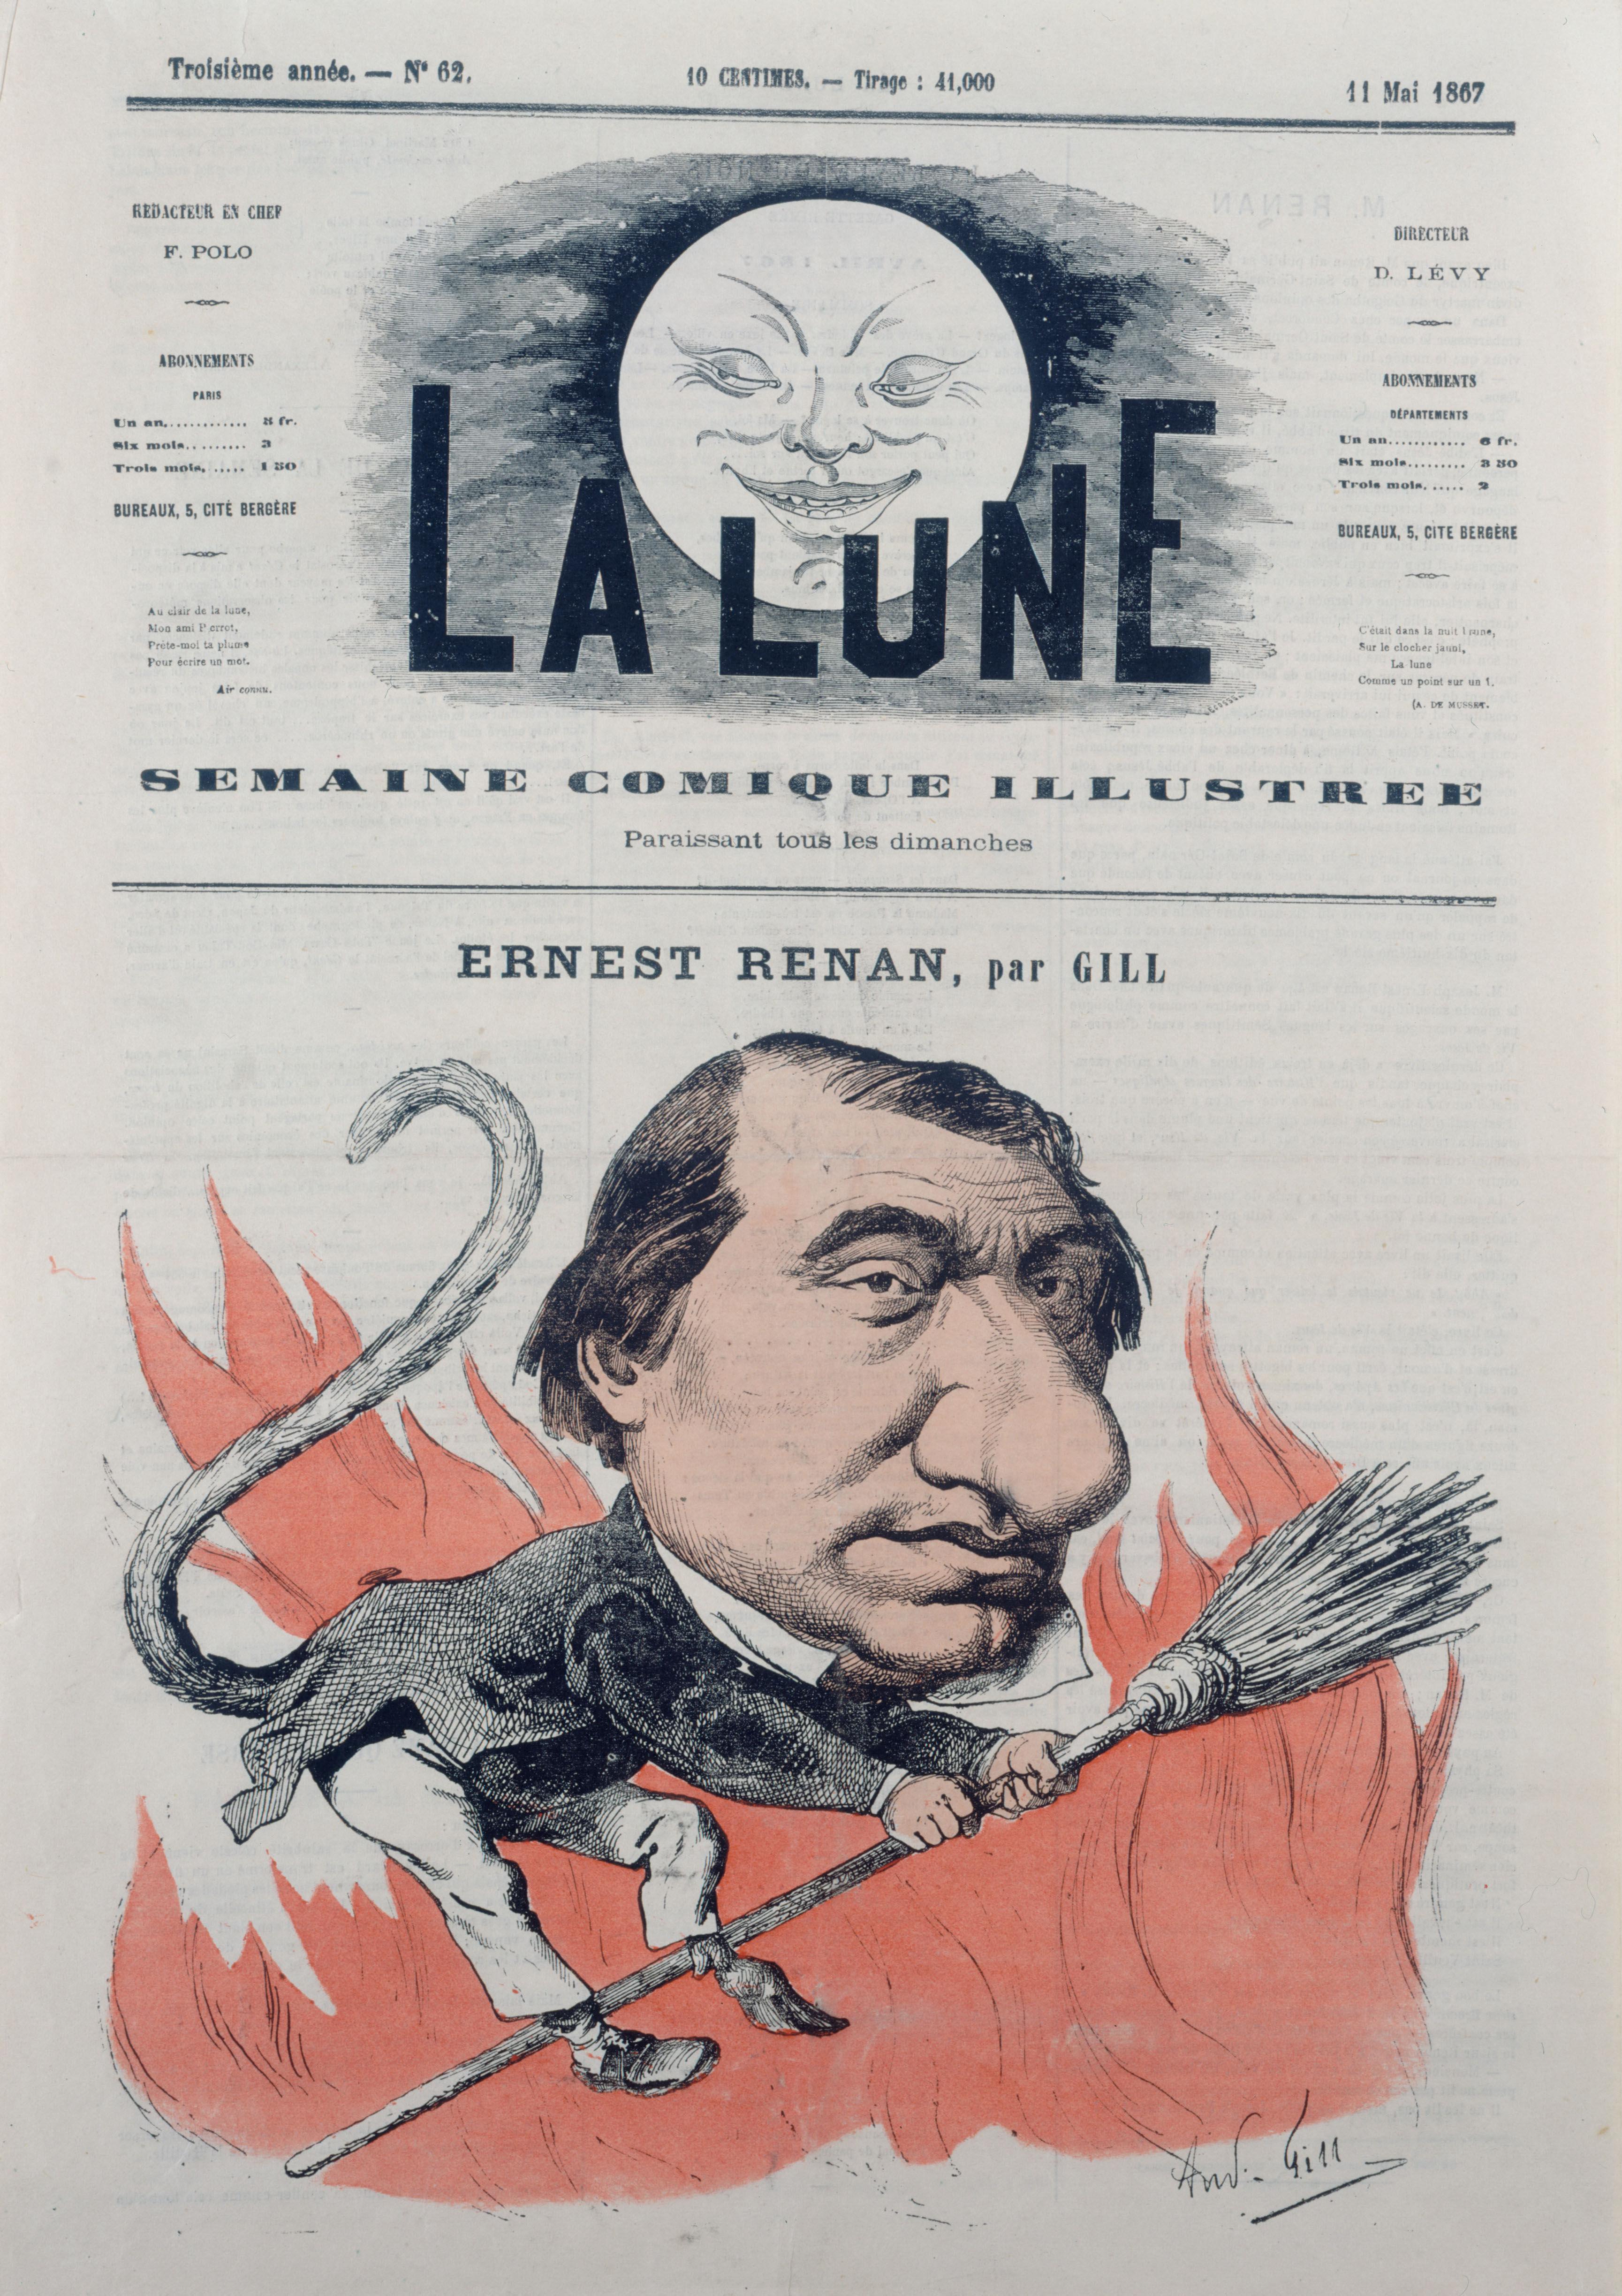 Ernest Renan par Gill